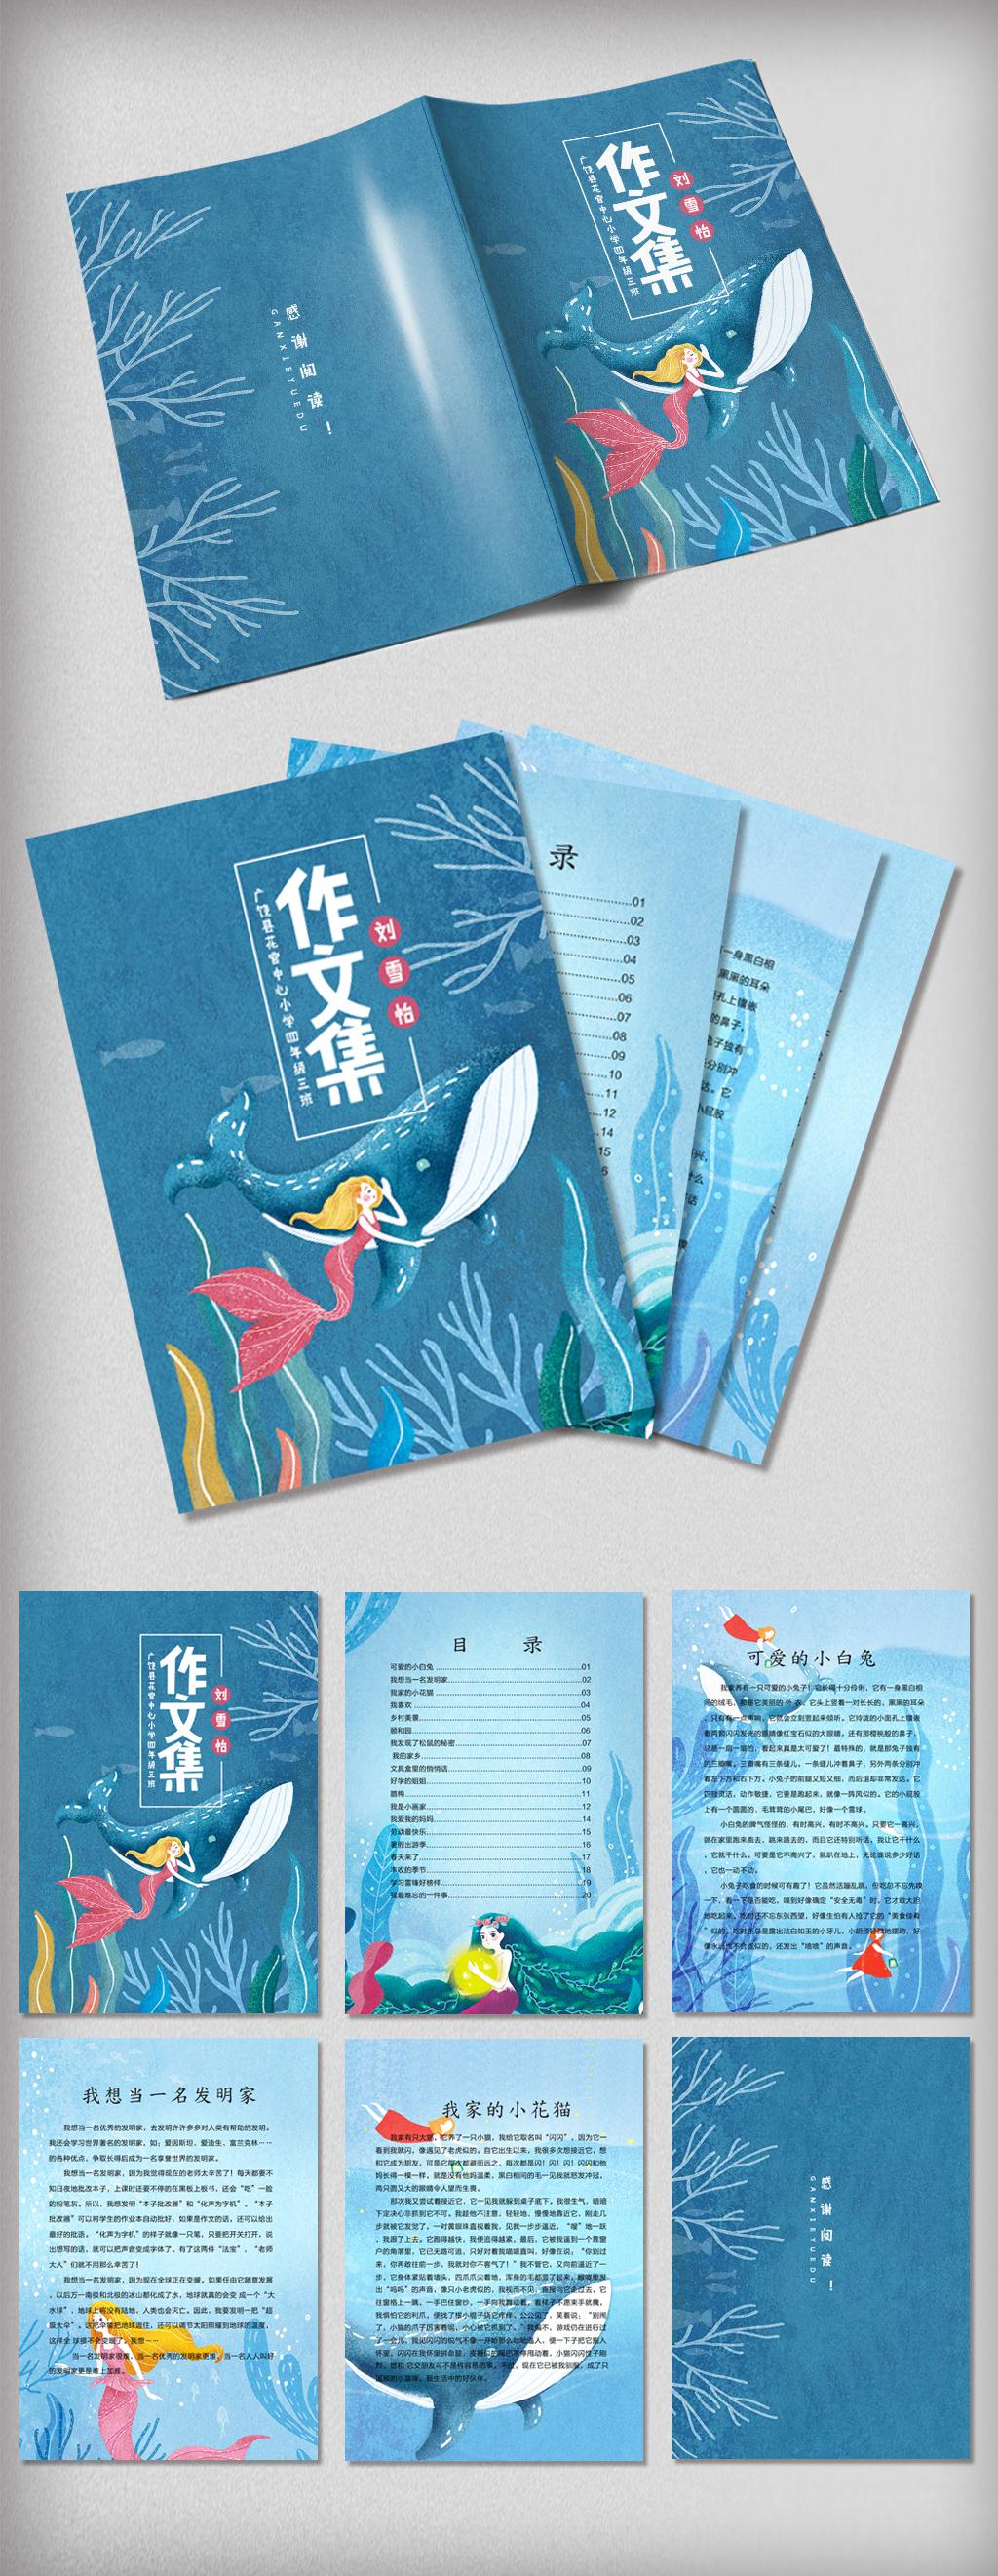 手绘深海美人鱼中小学生作文集免费模板图片